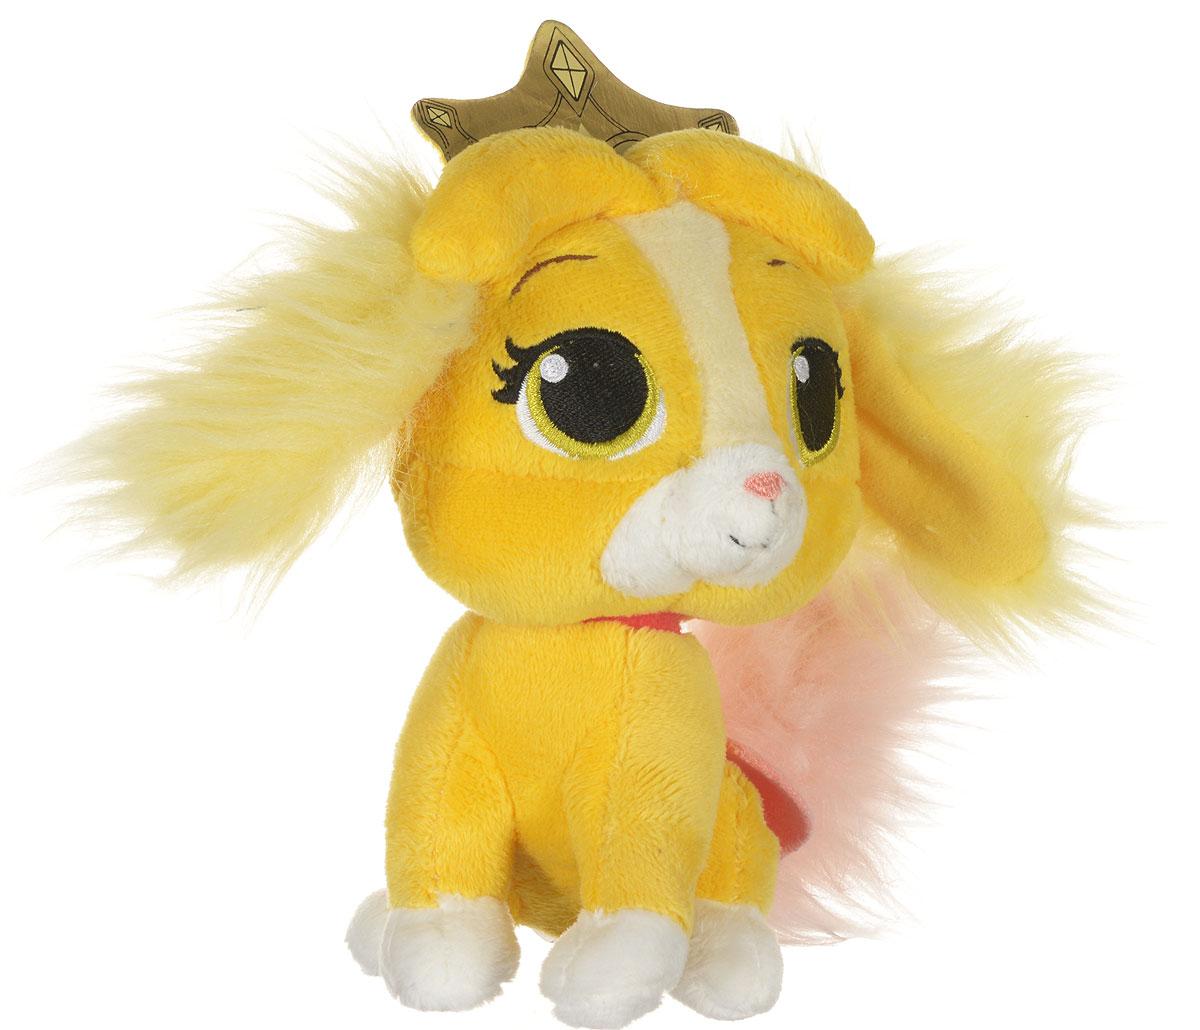 Disney Princess Мягкая игрушка Щенок Крошка 15 см